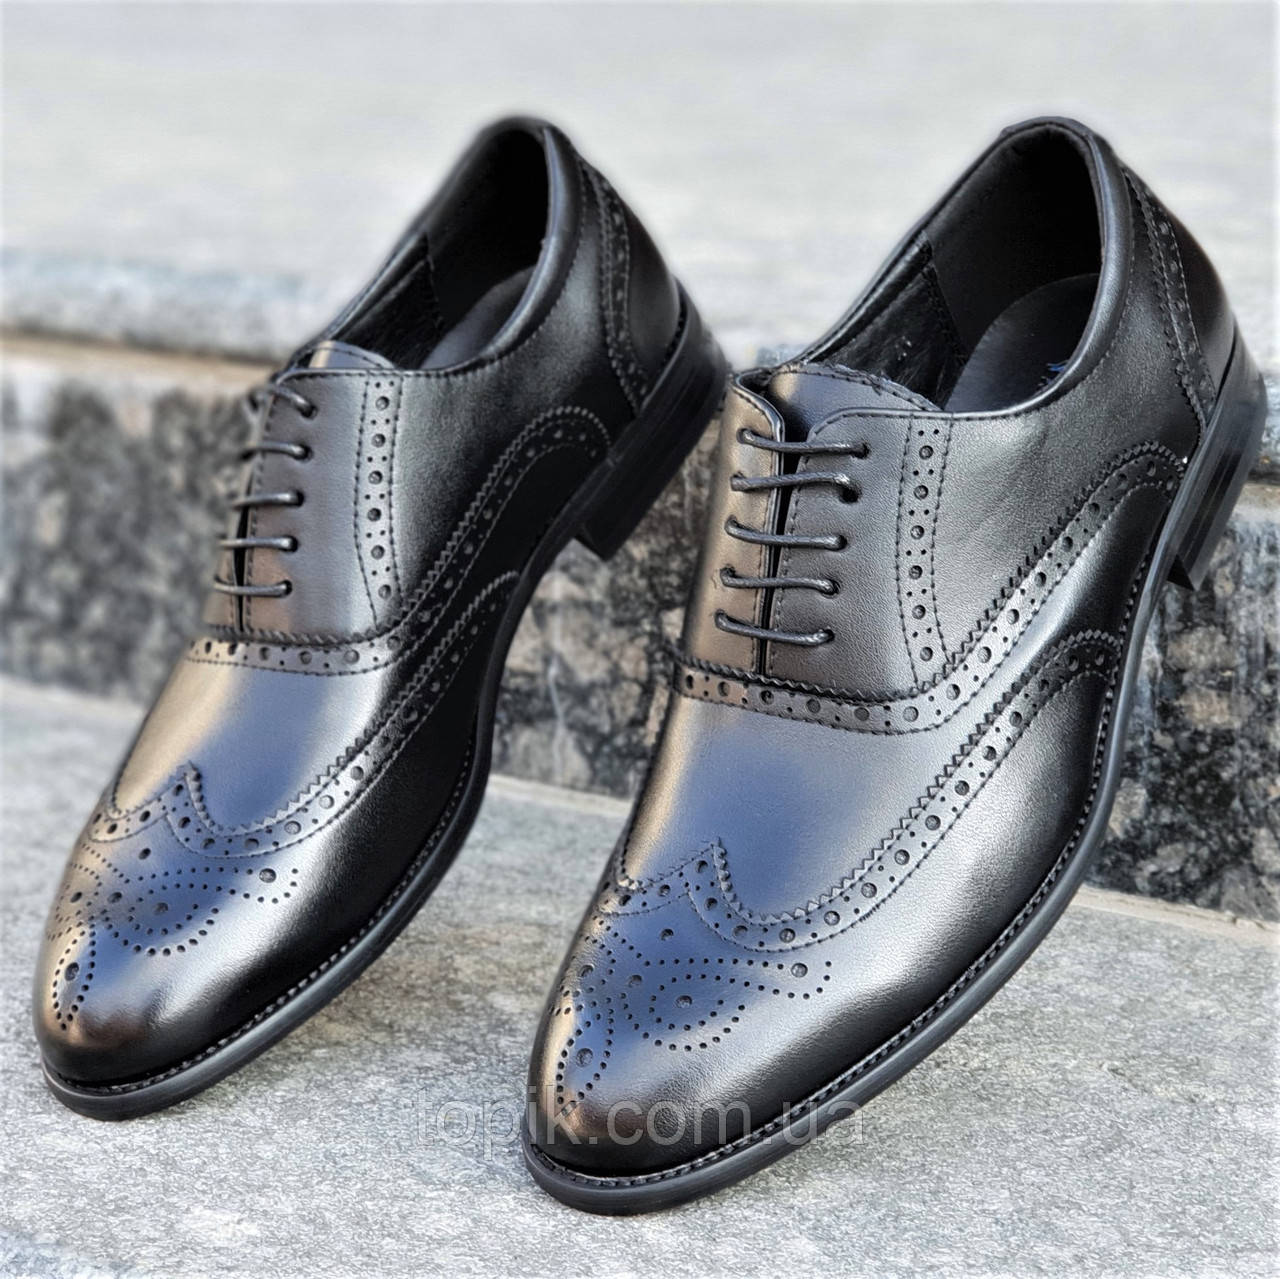 a12fa31fb Туфли мужские классические модельные на шнурках оксфорды натуральная кожа  черные стильные (Код: 1218а)